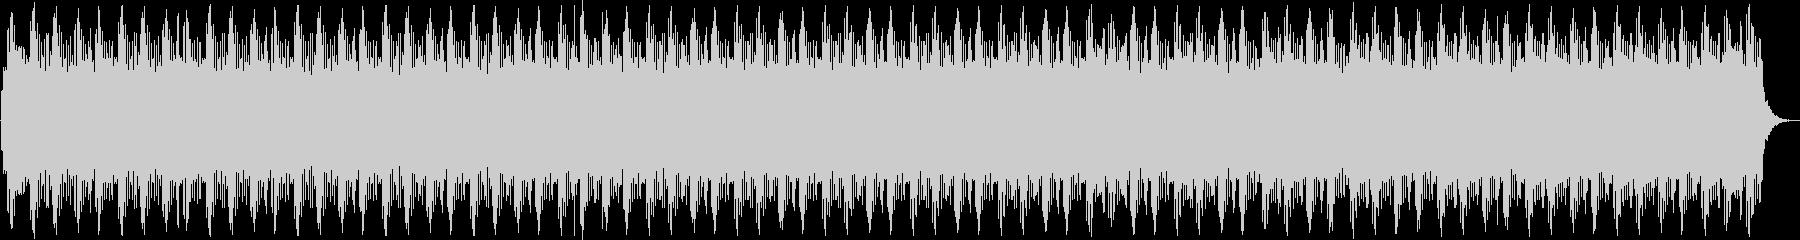 60秒ほどの長さの警報音の未再生の波形